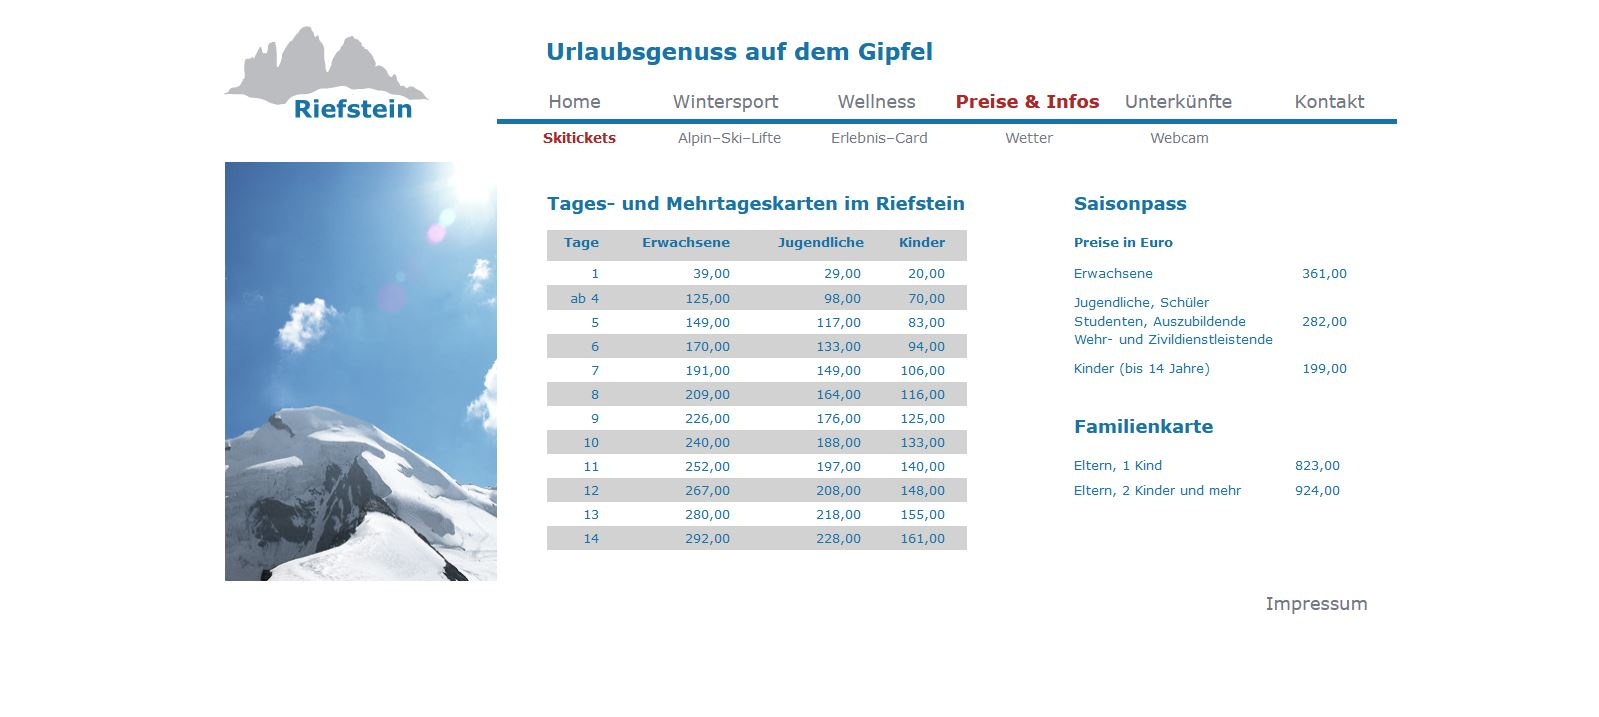 Website Riefstein Preise & Infos - Tickets